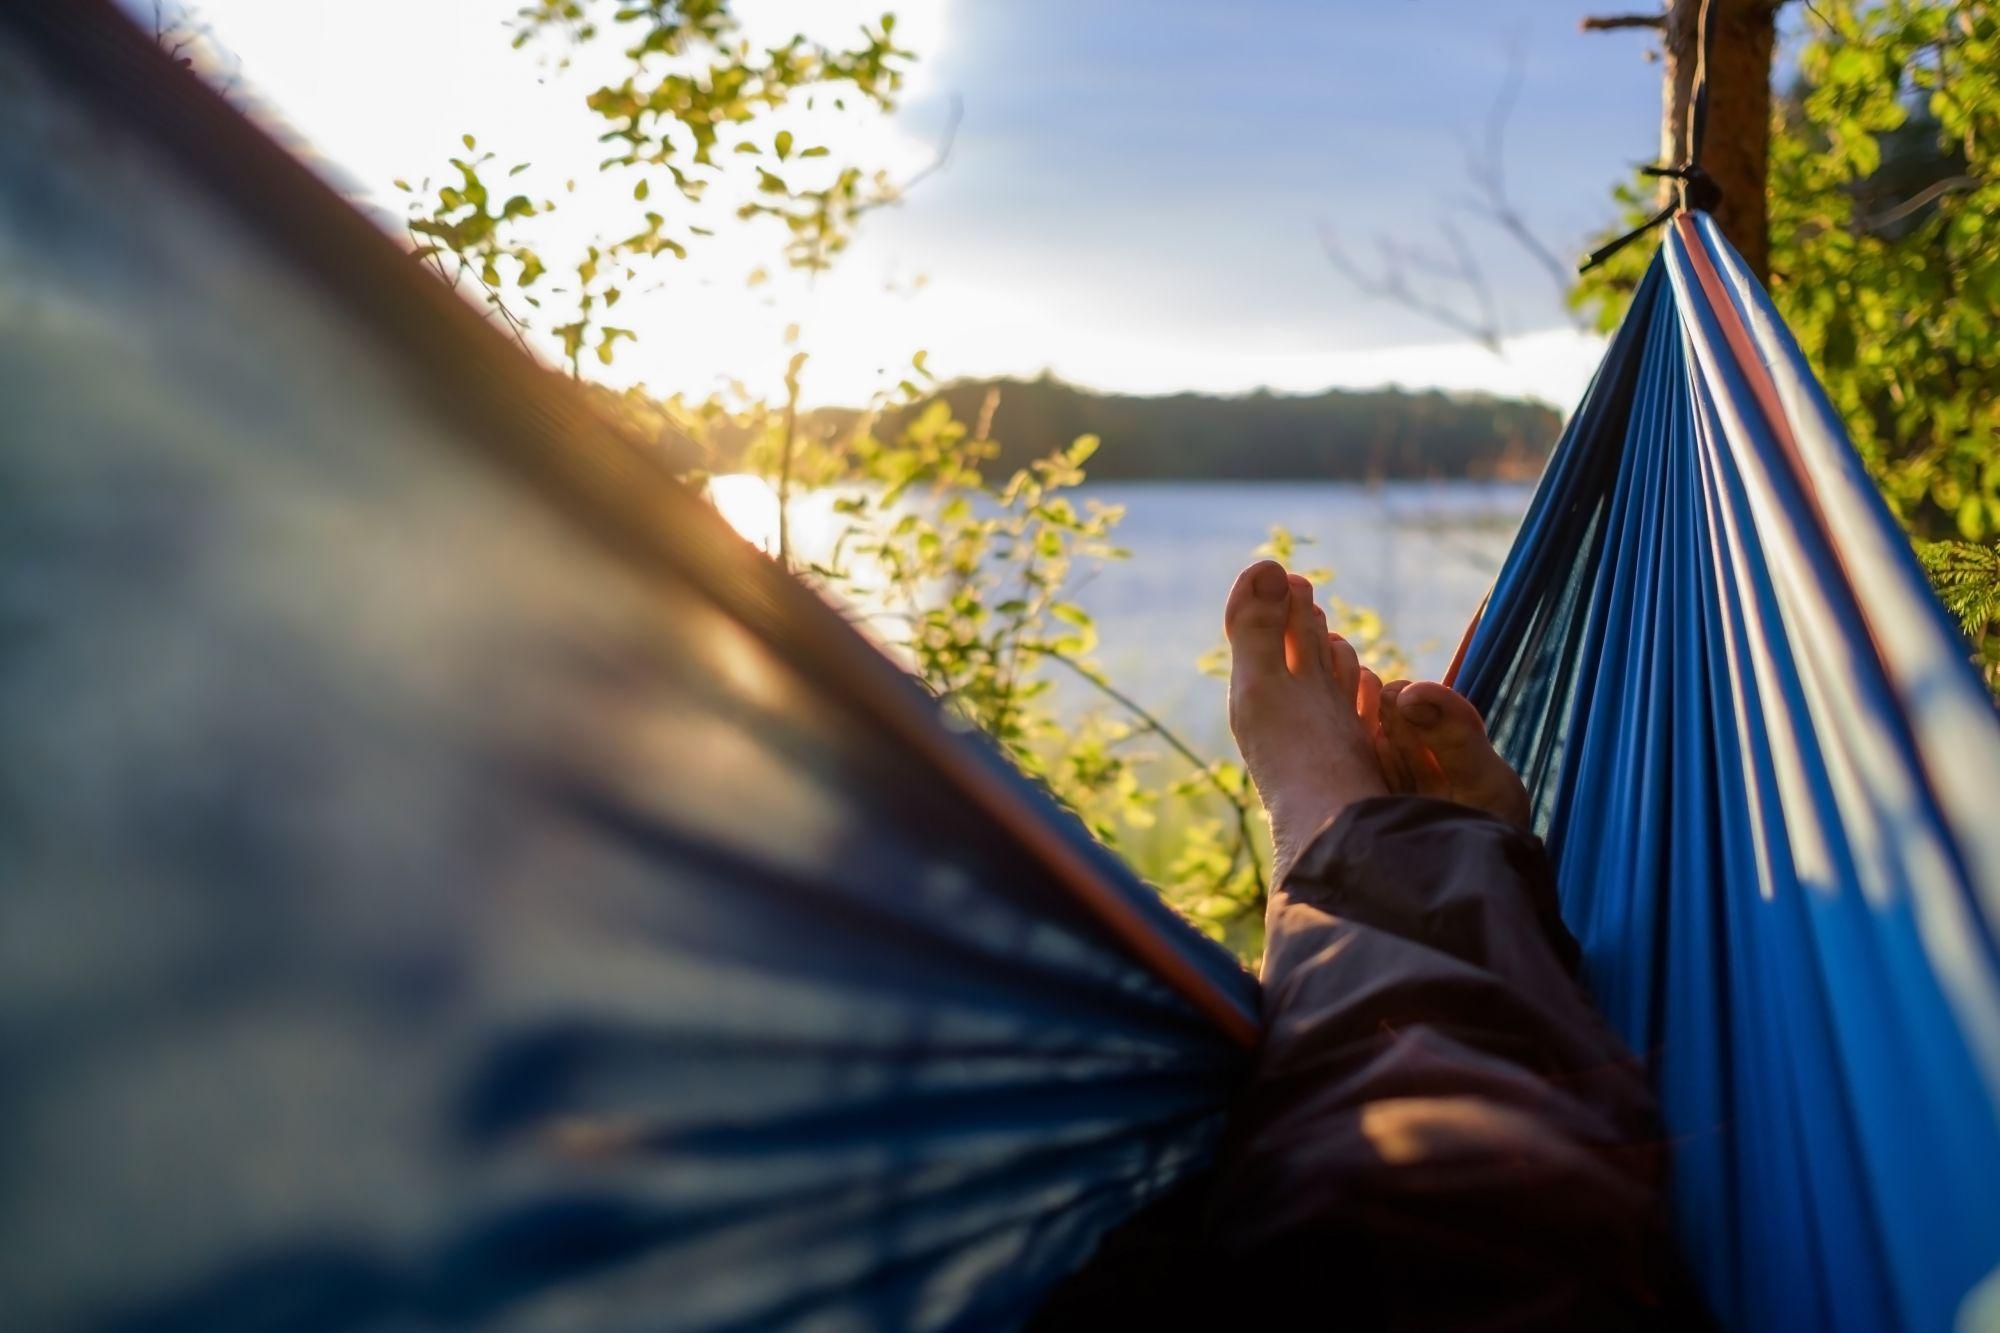 Mies rentoutuu lomalla riippukeinussa ilman työstressiä